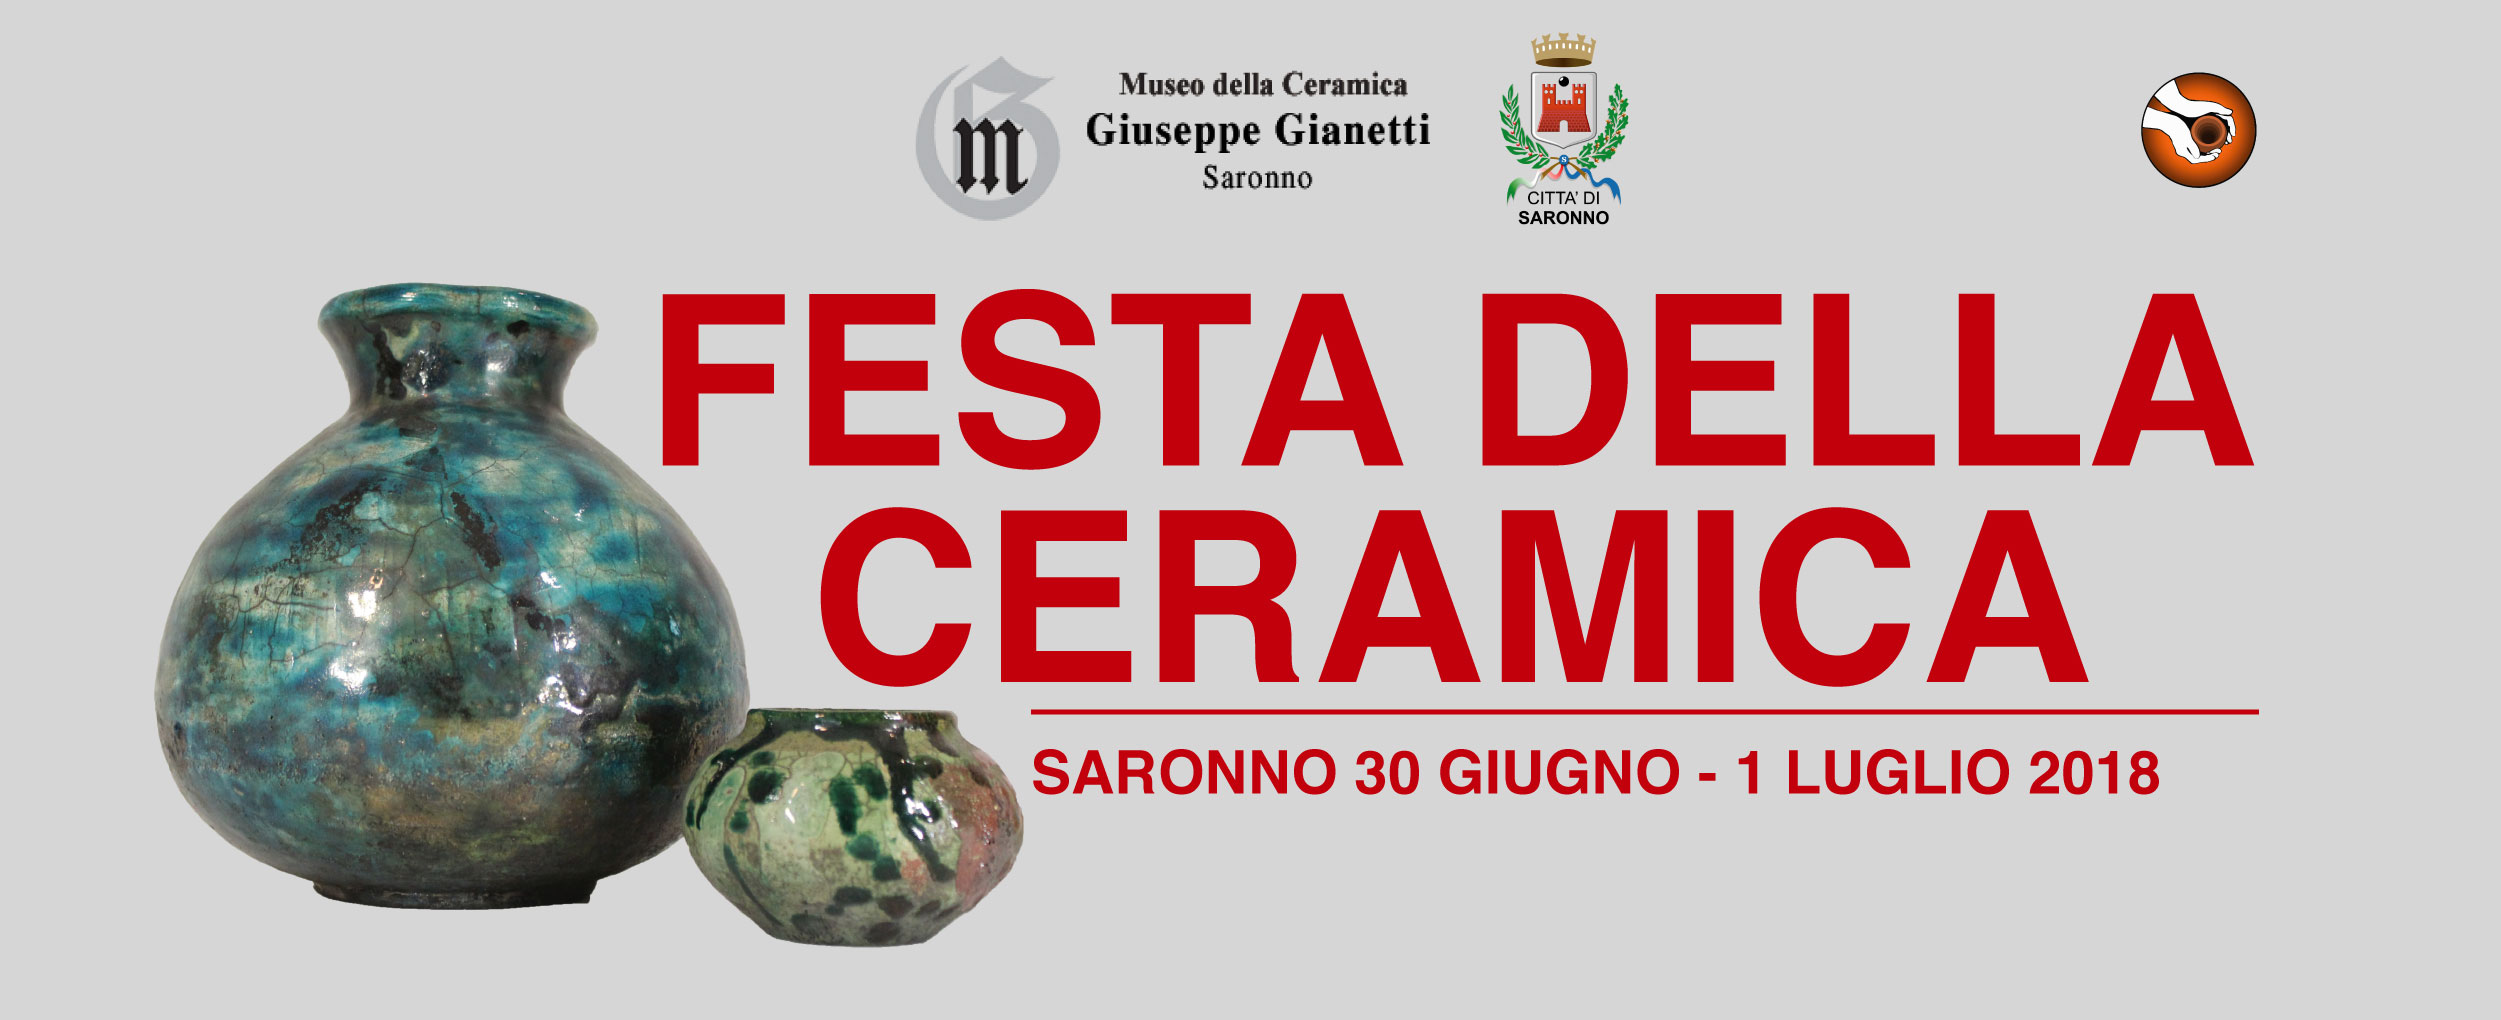 Festa della ceramica a Saronno 2018